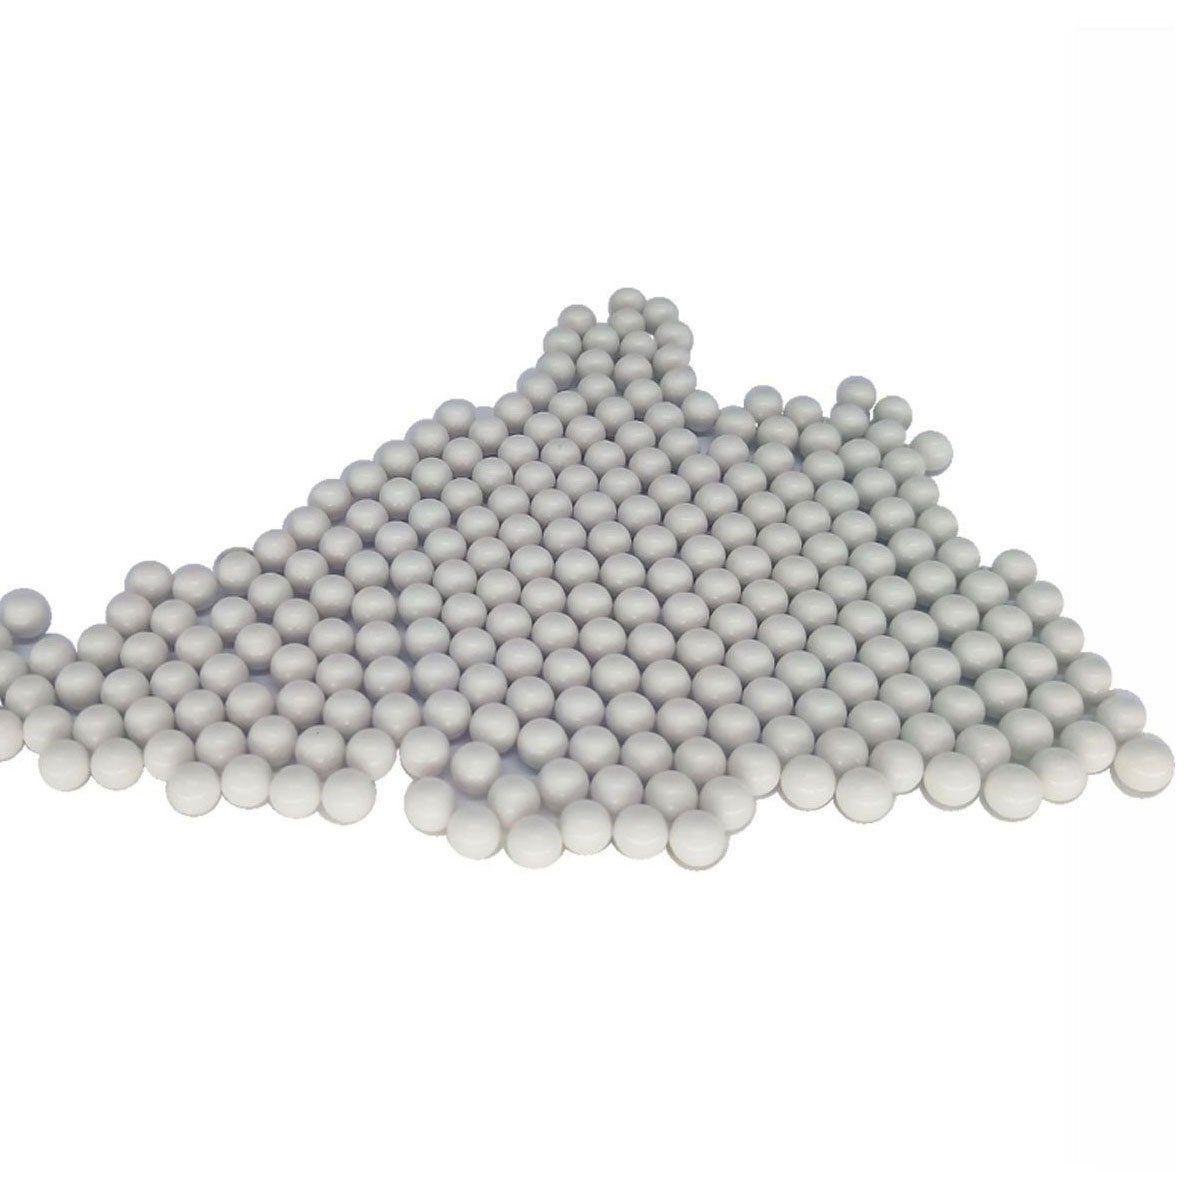 Esferas Plásticas BBs ICS Bio Calibre 6mm 0,25g 3500un